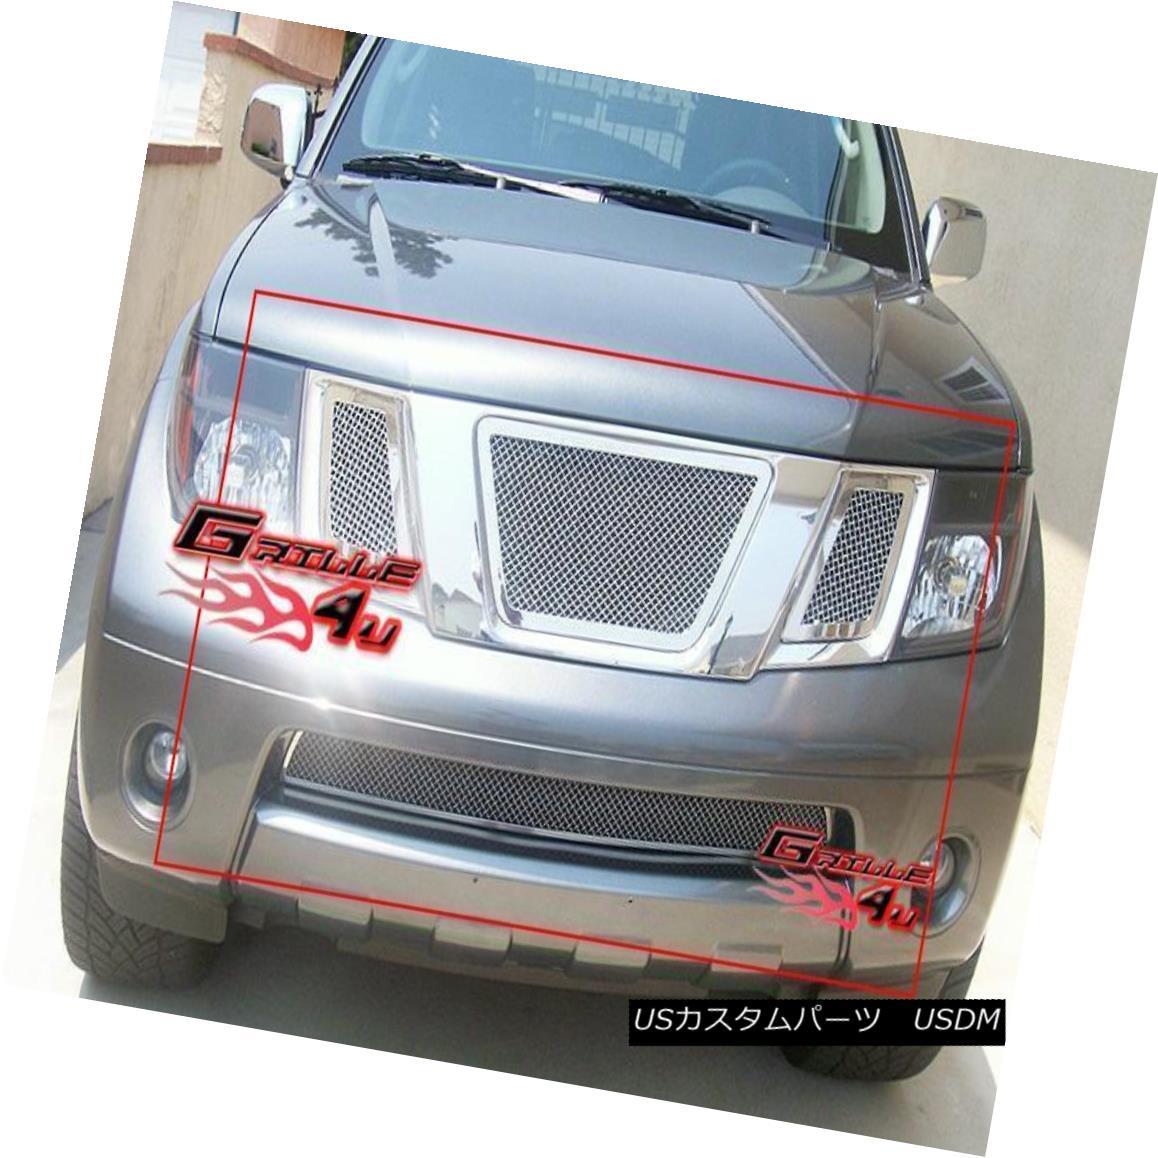 グリル Fits 2005-2007 Nissan Pathfinder/Frontier Mesh Grille Combo 2005-2007 Nissan Pathfinder / Mesh Grille Comboに適合